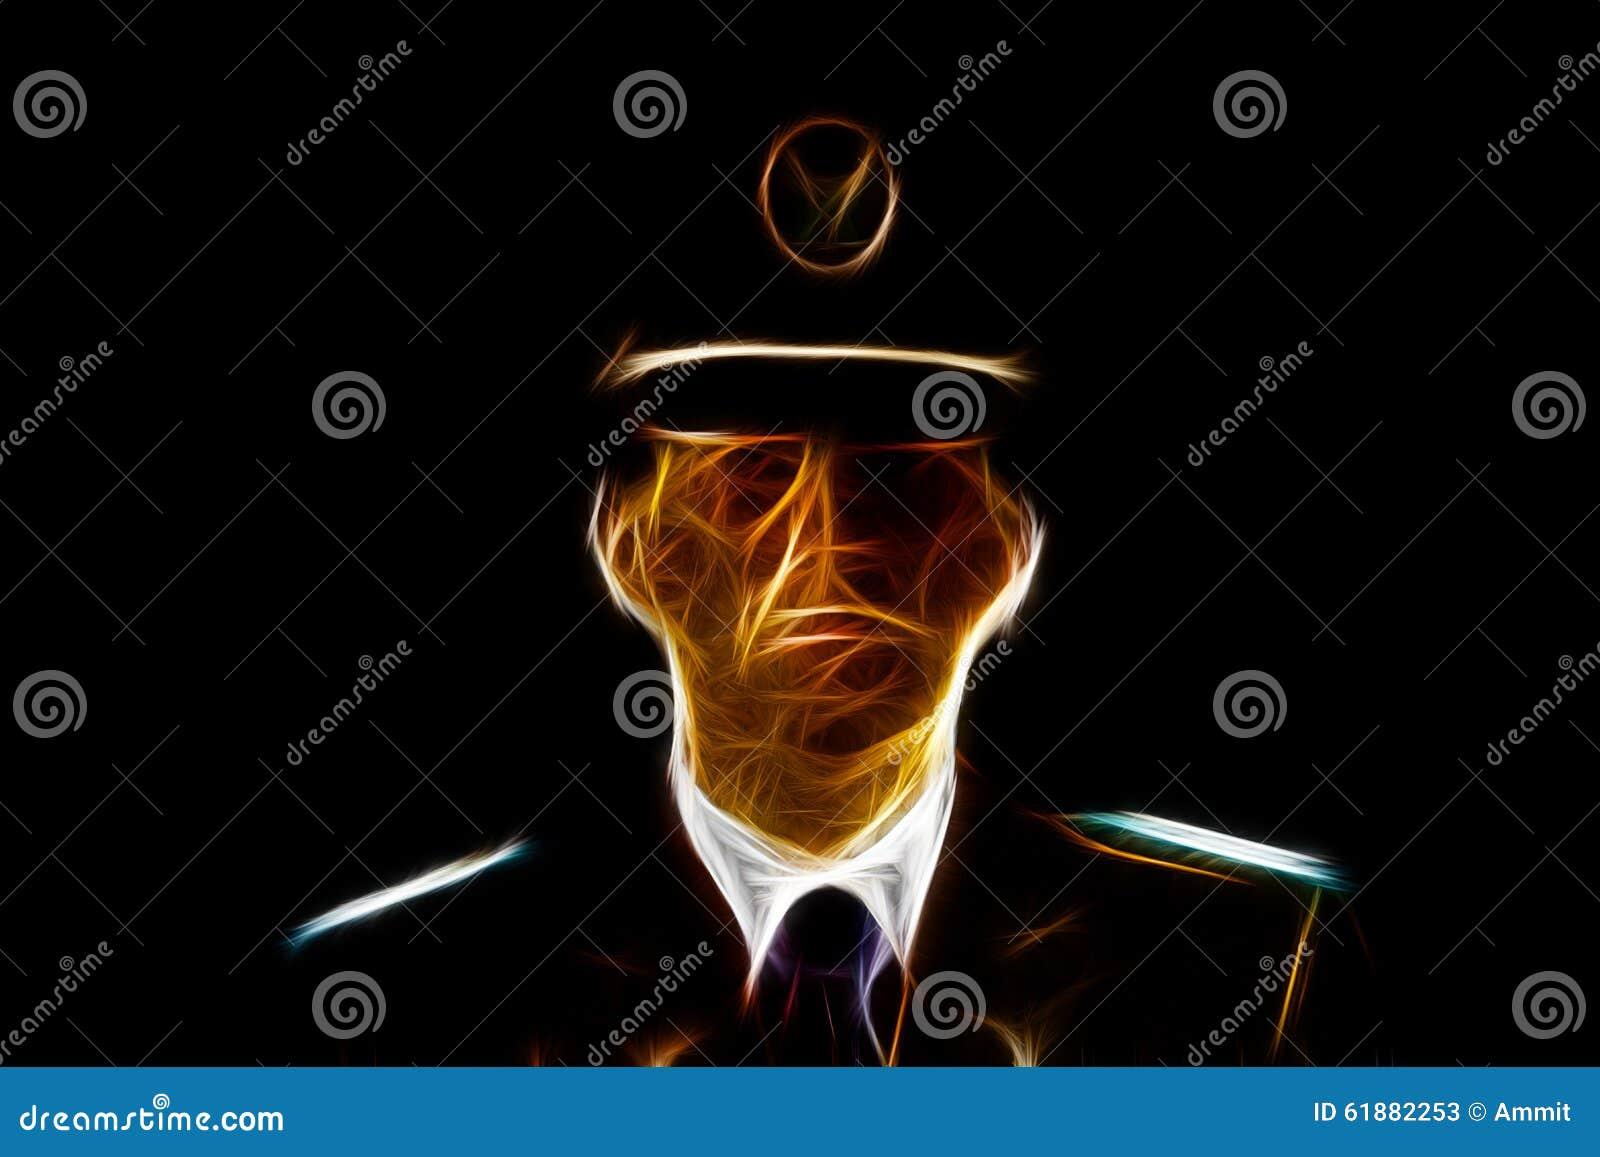 Politie Officiële Illustratie